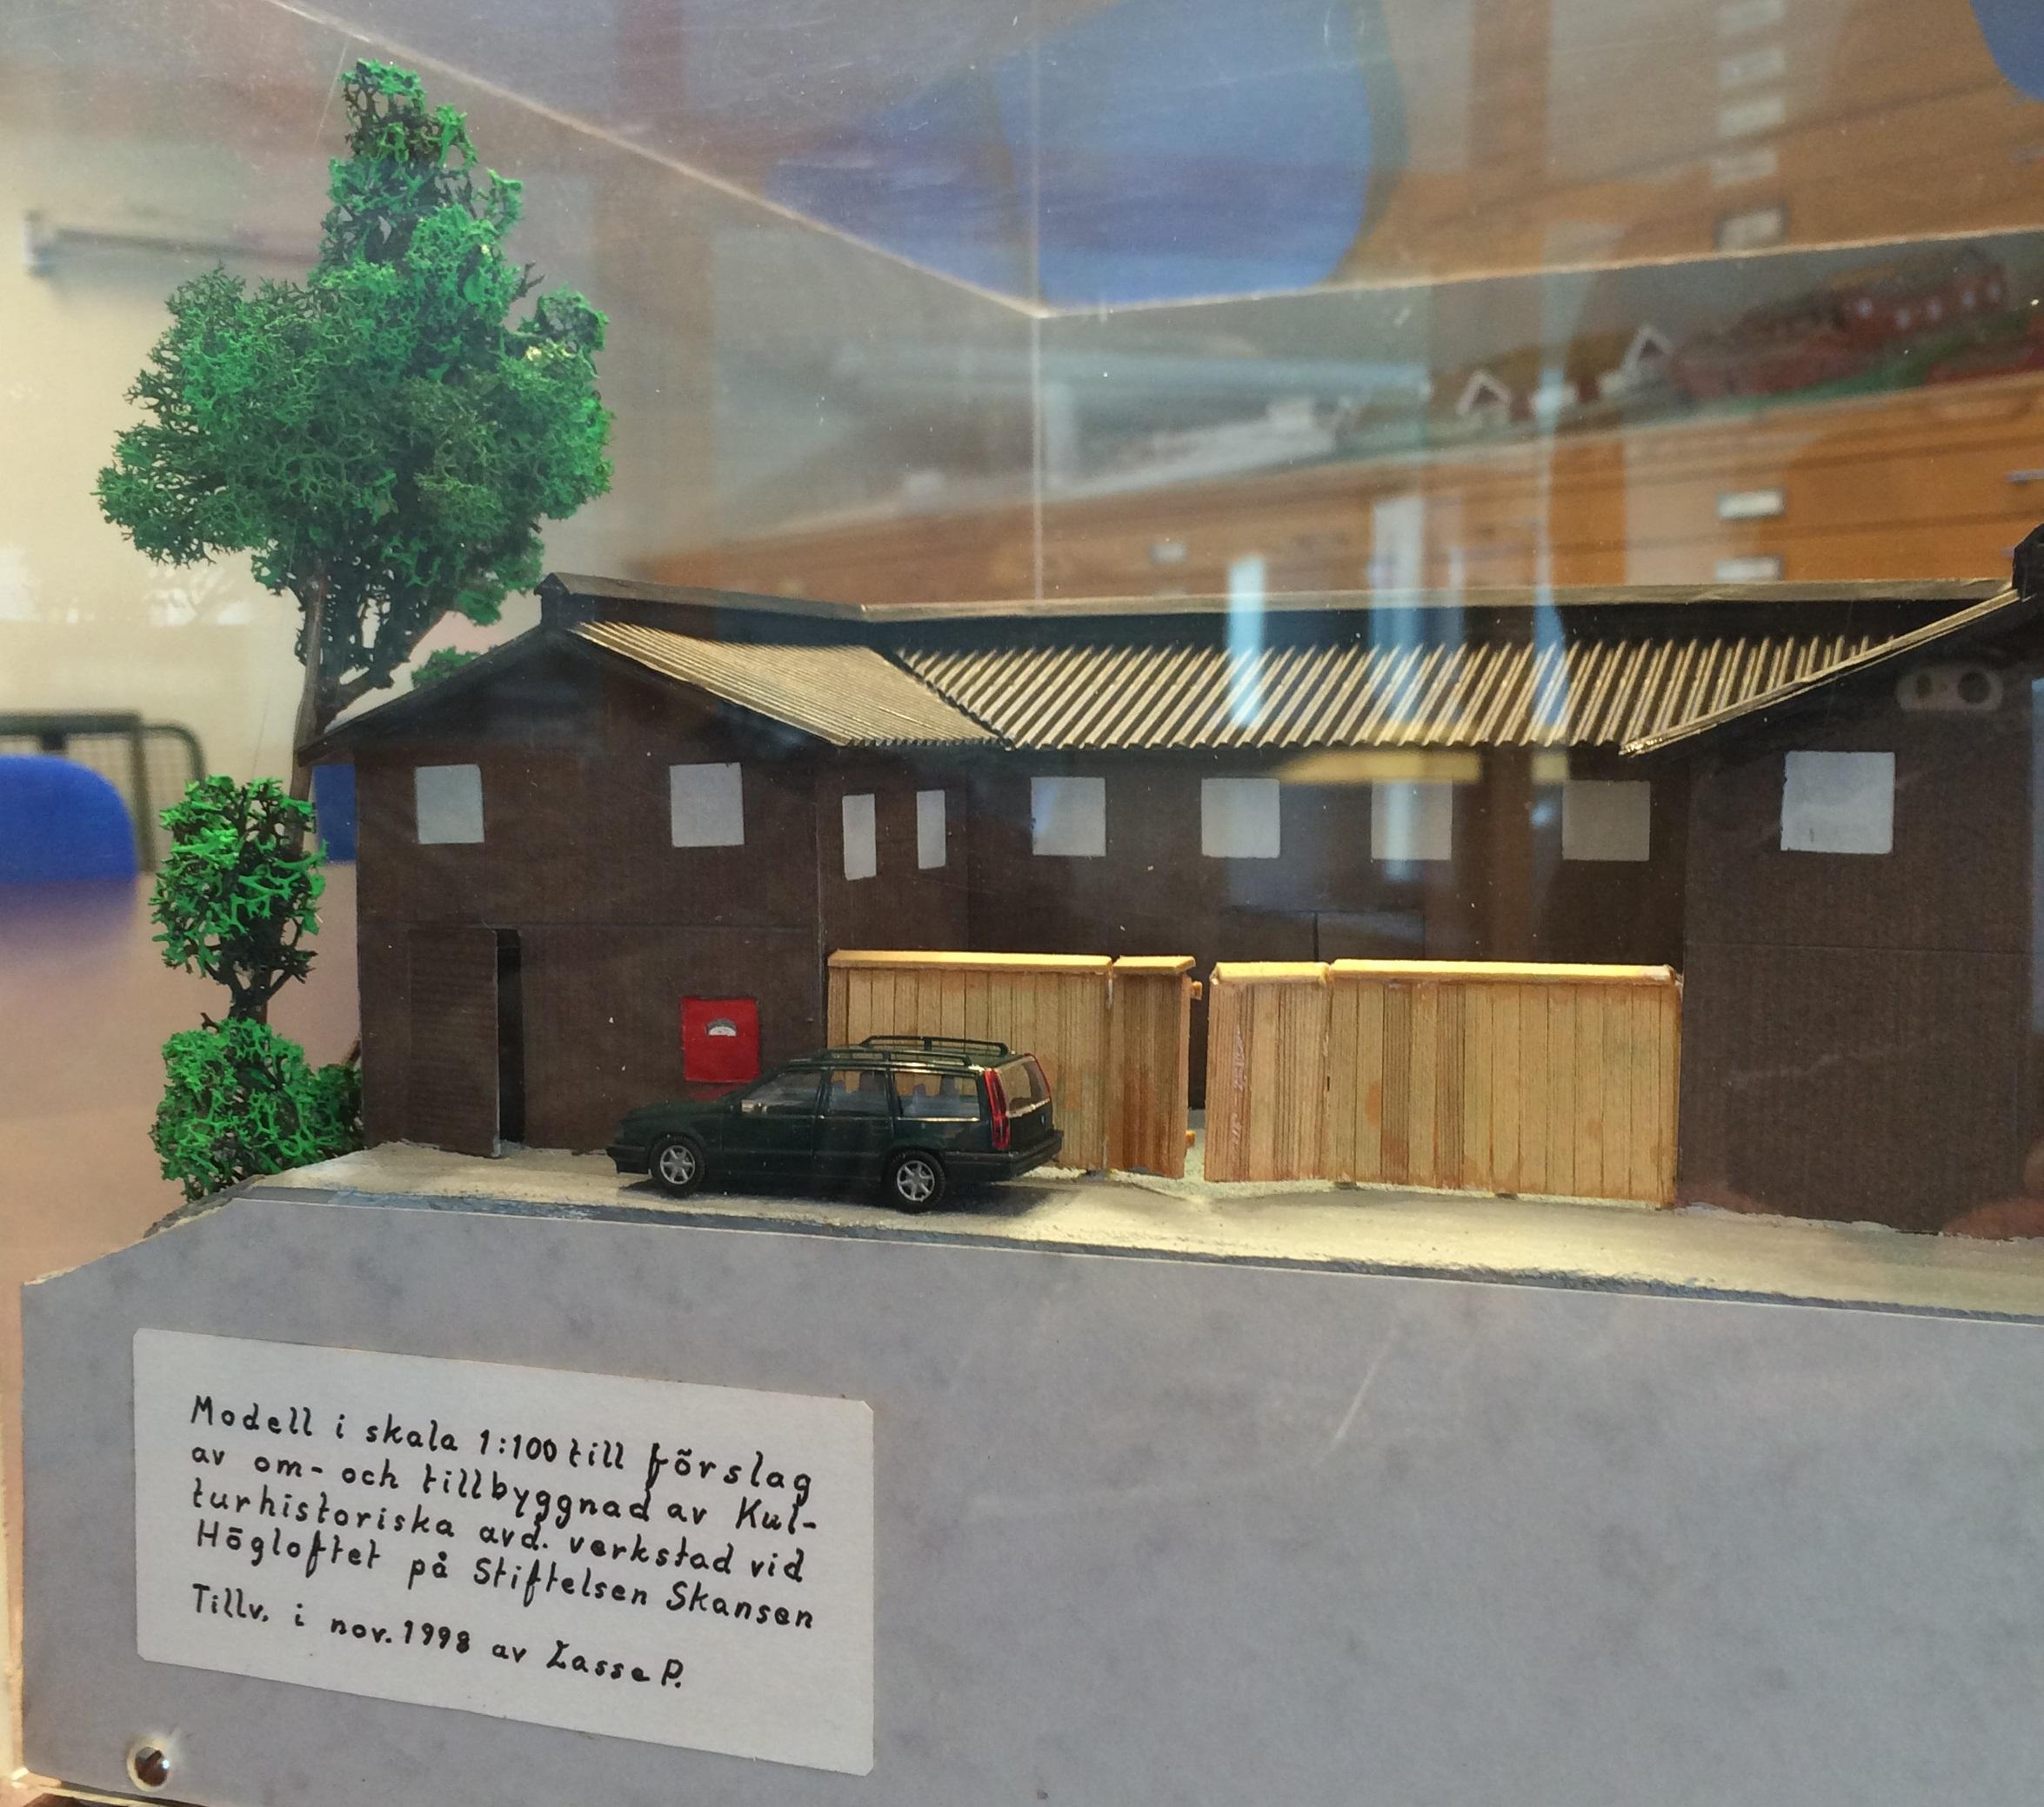 Redan 1998 gjordes ett förslag för att förbättra lokalen utifrån verksamhetens behov. Här är en modell gjord av dåvarande museitekniker Lasse P, med en extra påbyggd våning och en tillbyggnad. Så omfattande blir inte denna ombyggnation, det blir främst förändringar invändigt.